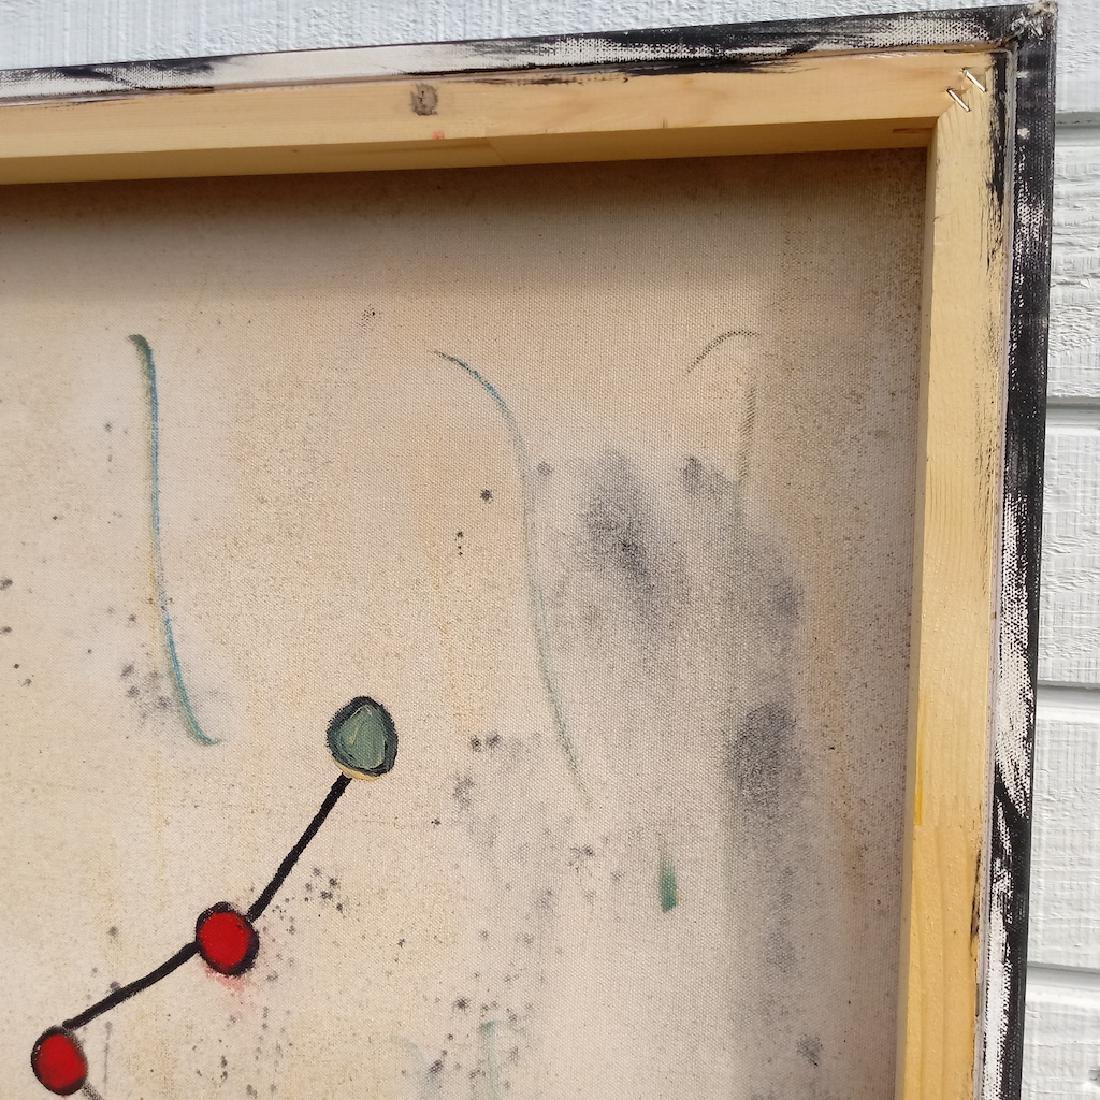 Jean-Michel Basquiat (Style of) N.Y Street Art Painting - 3